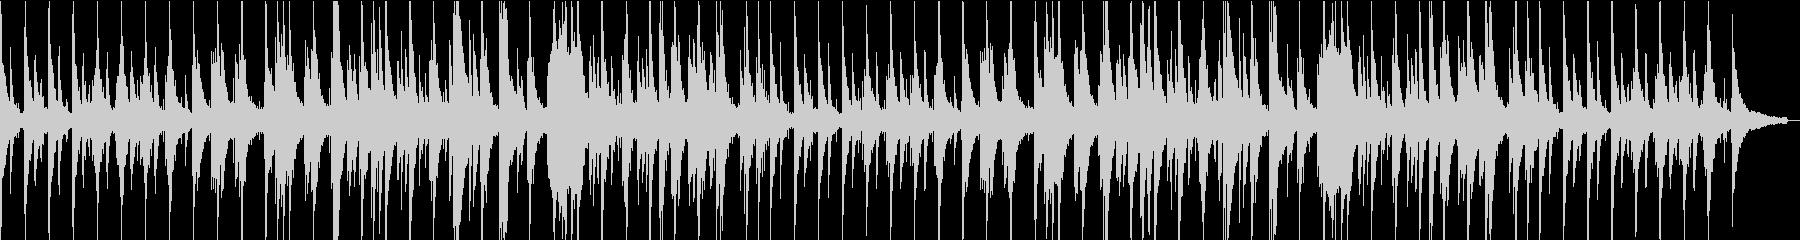 心安らぐジャズバラードピアノの未再生の波形